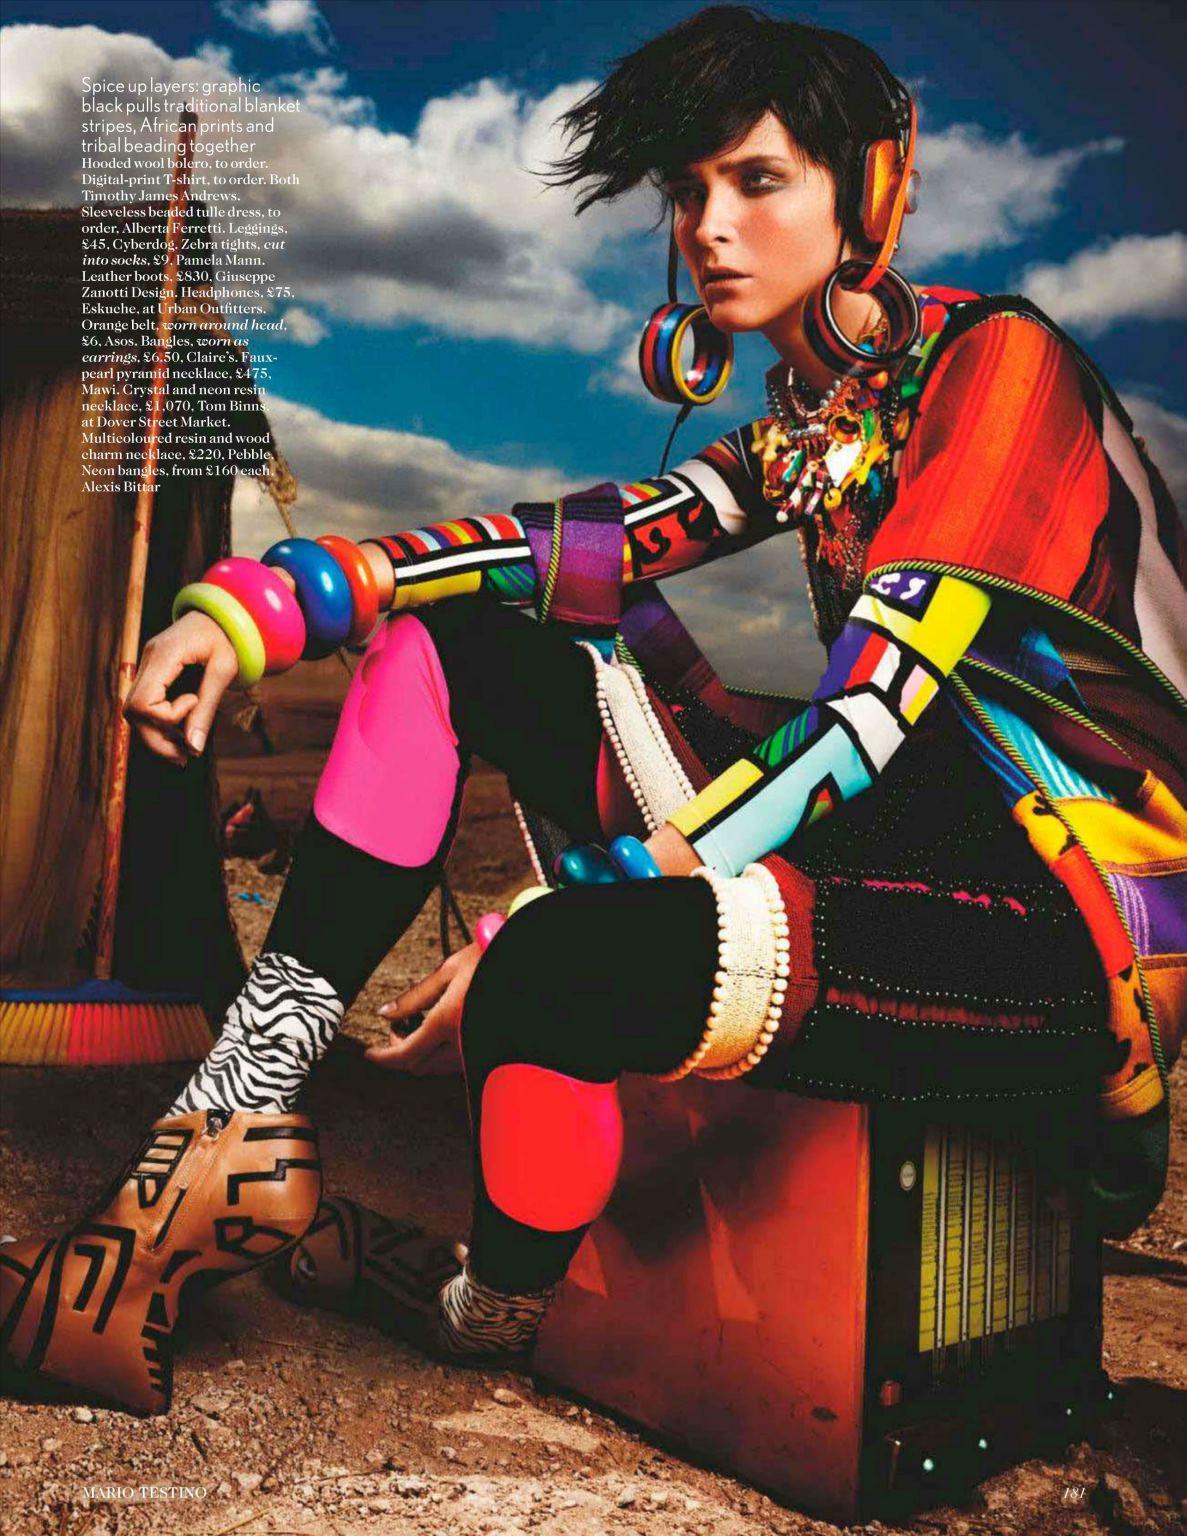 crazy fashion photography wwwimgkidcom the image kid